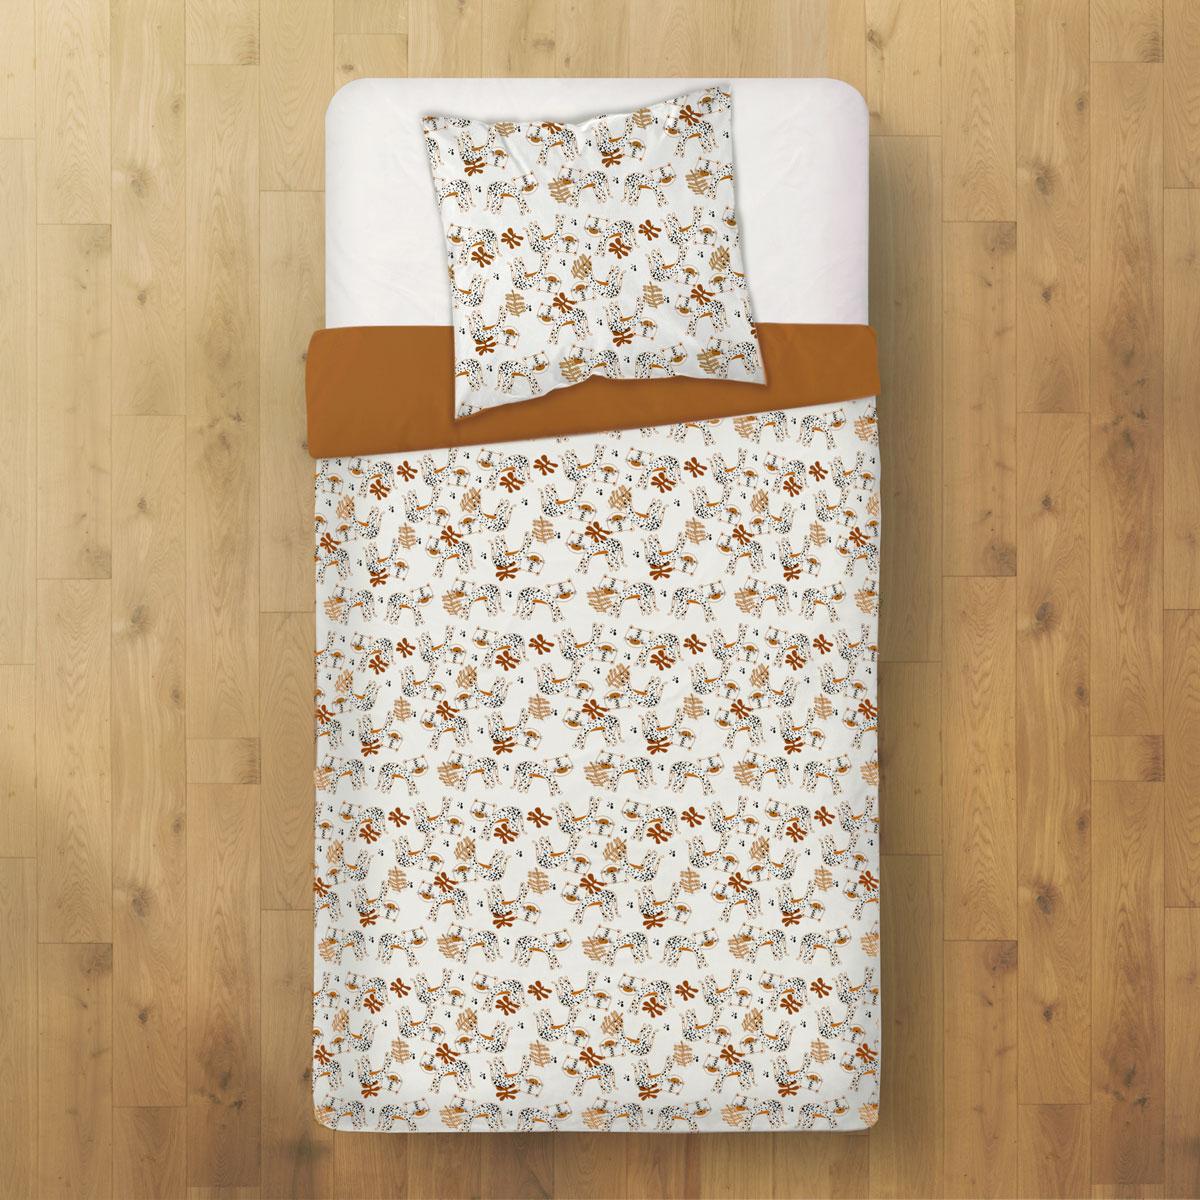 Housse de couette enfant + taie d'oreiller Benghali (140 x 200 cm) dos